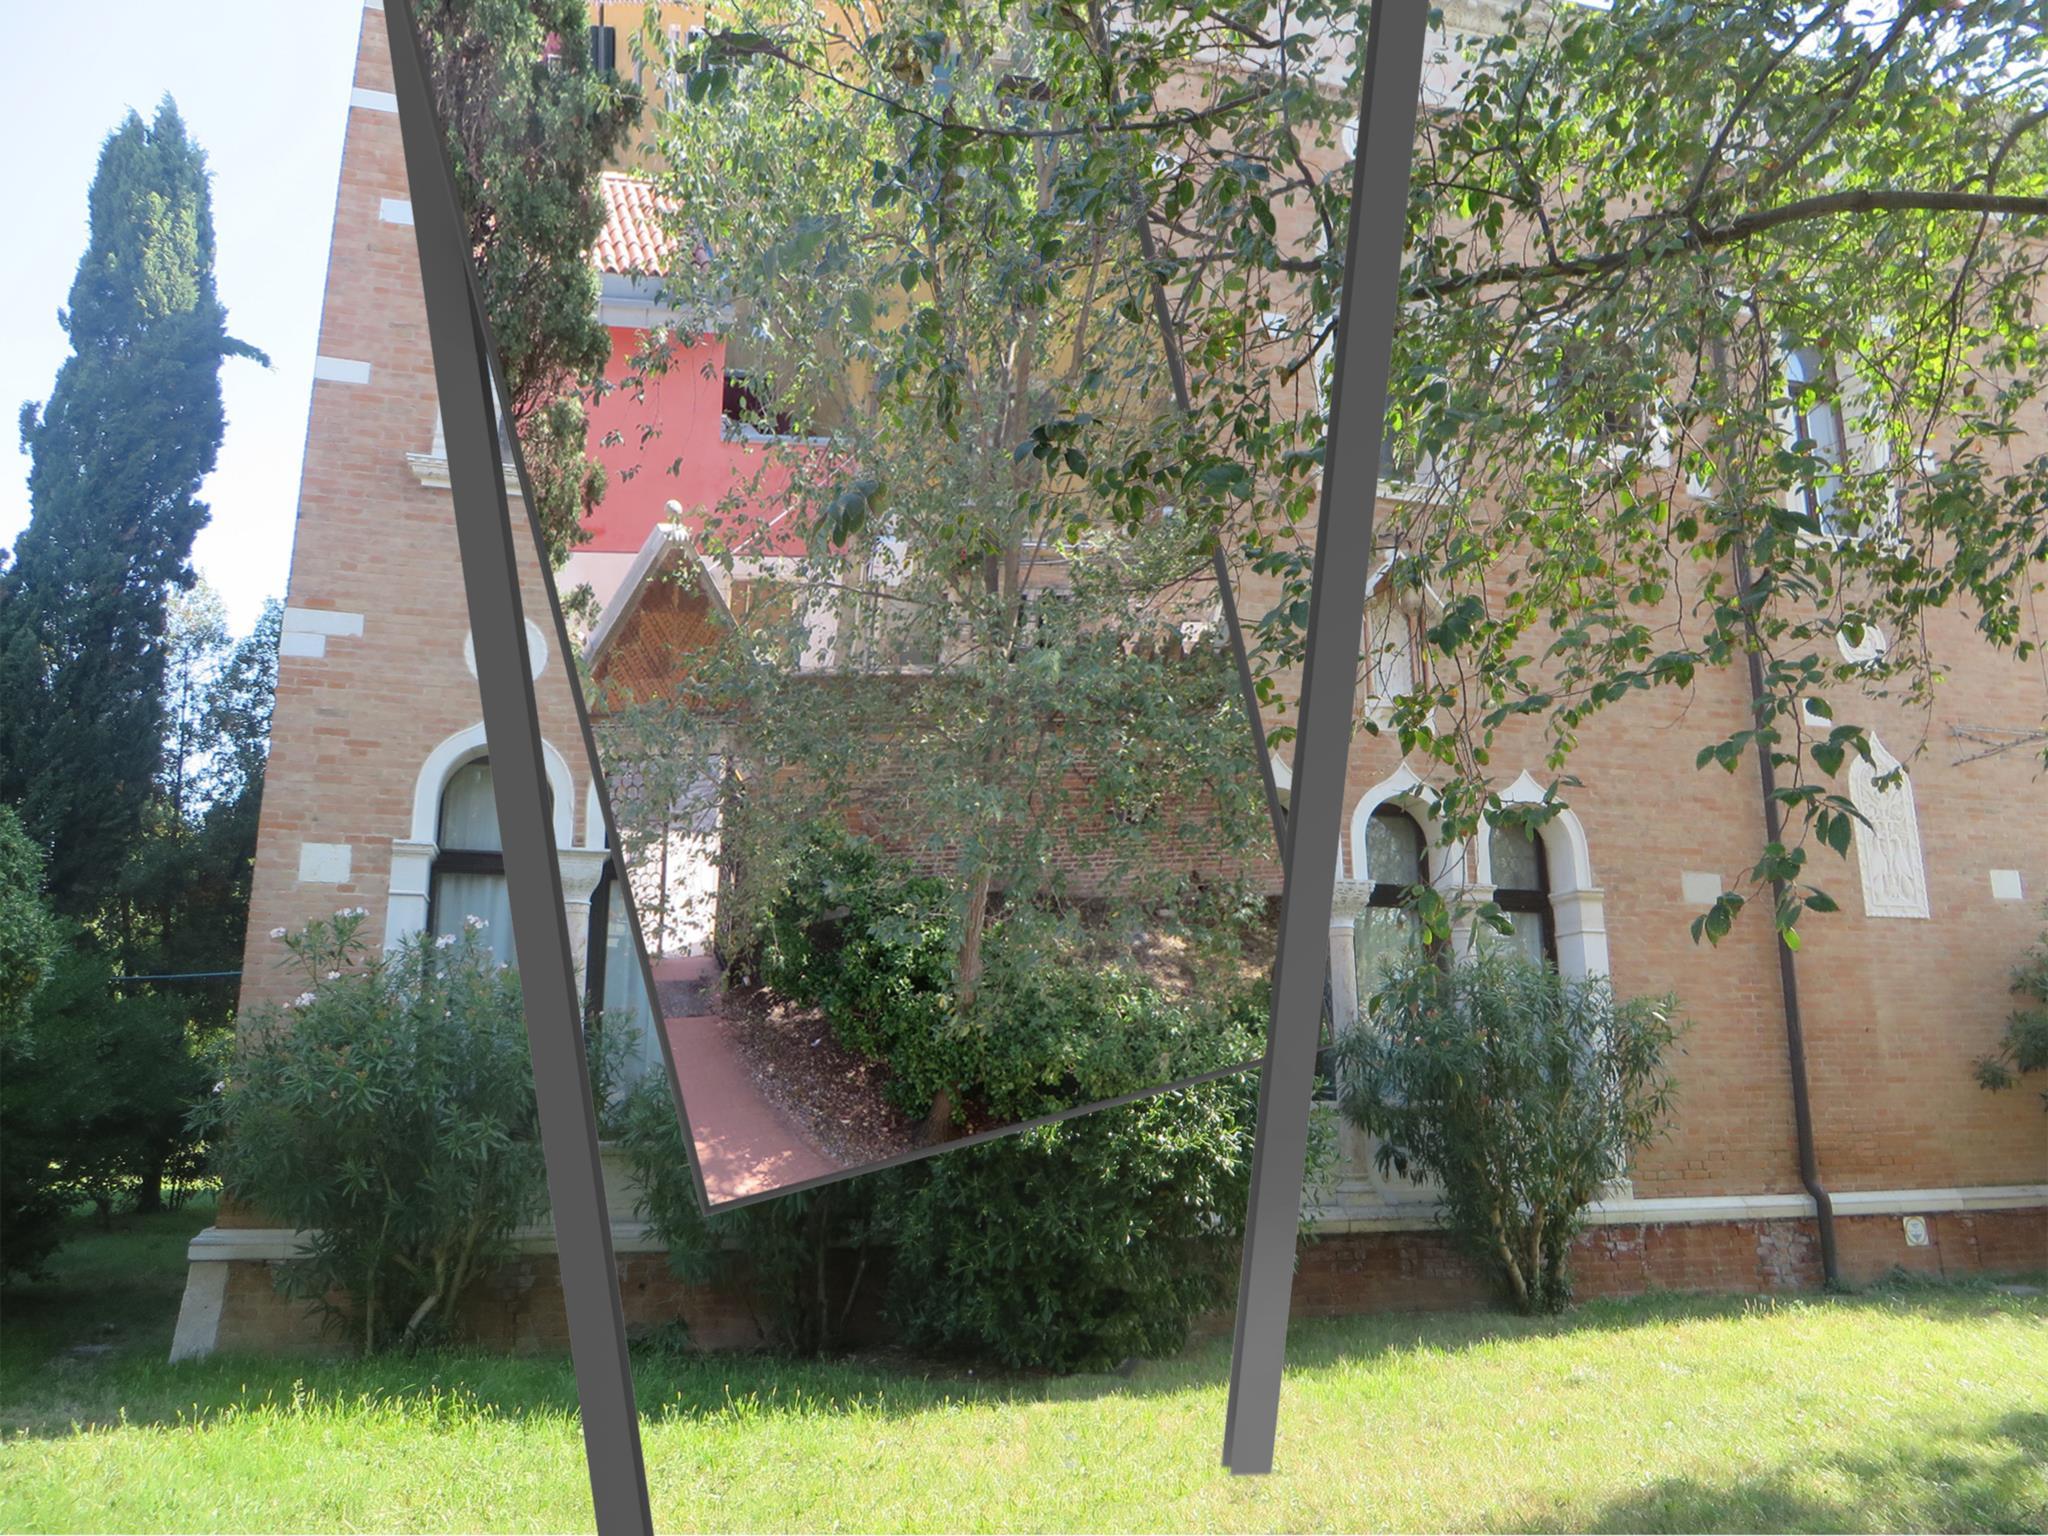 PÚBLICO - Veneza já autorizou José Pedro Croft a instalar as suas esculturas na Villa Heriot